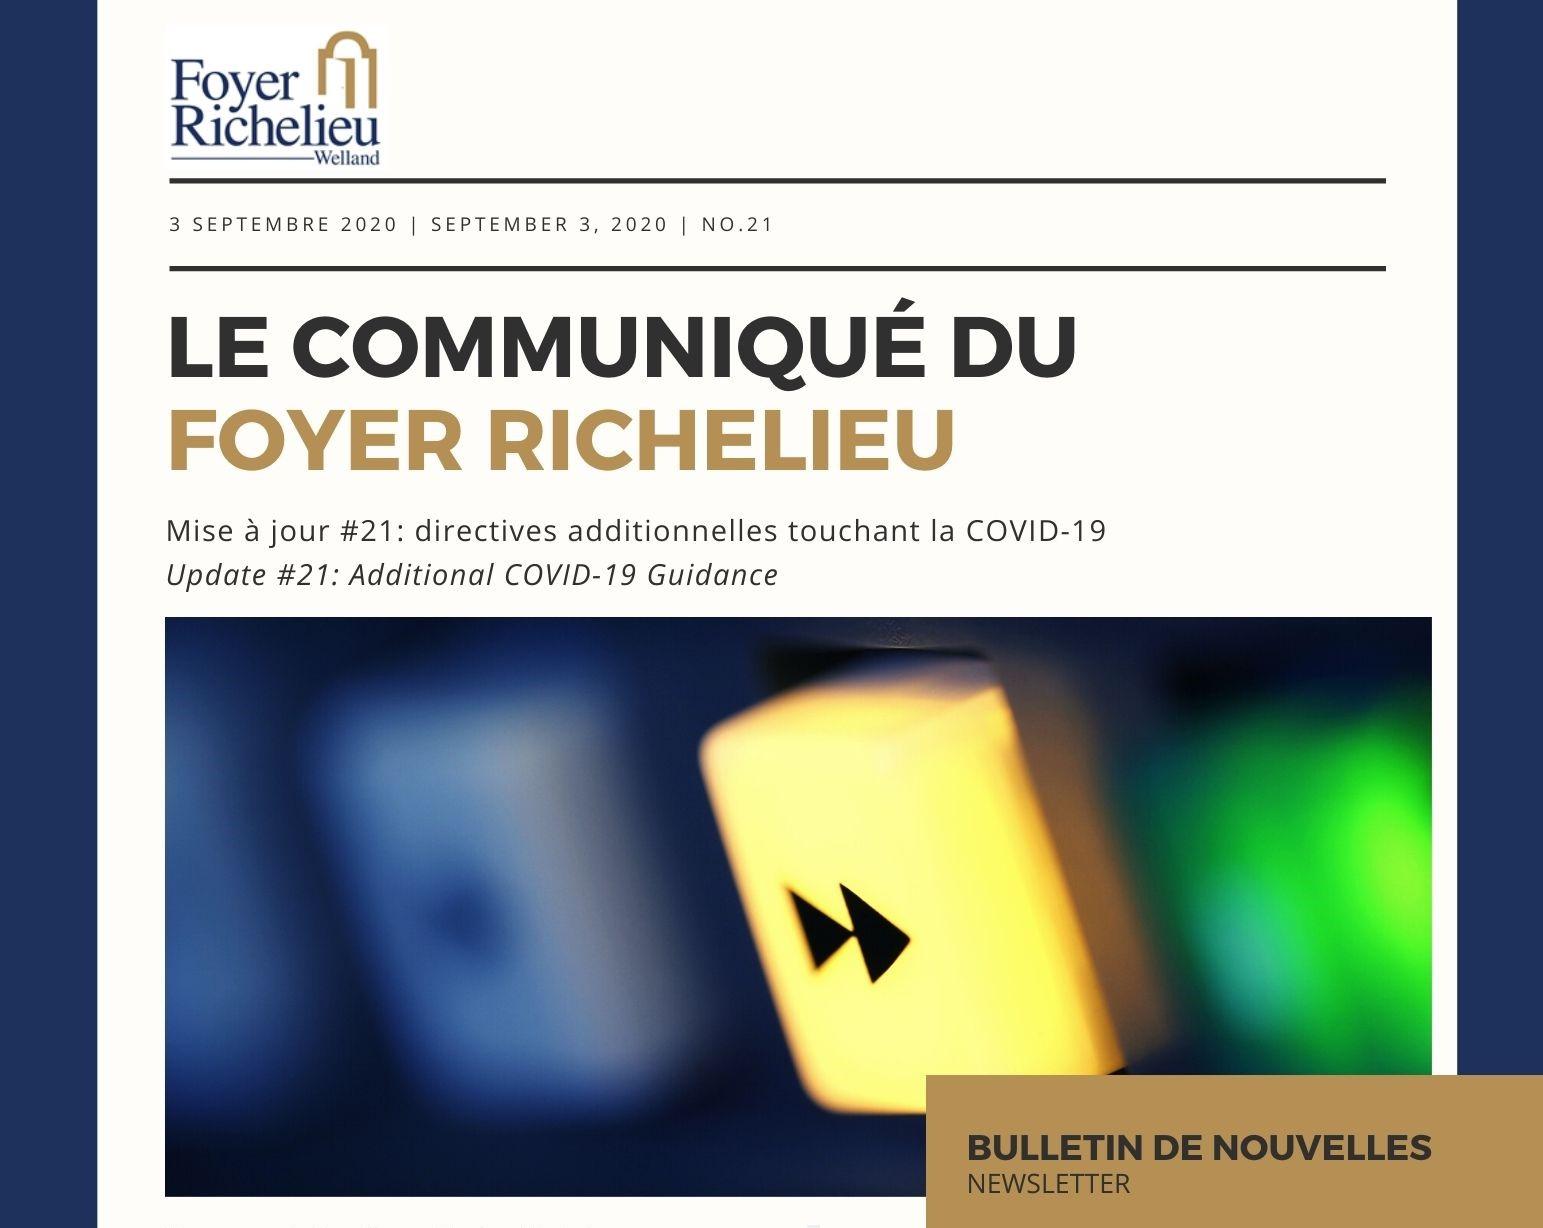 2020/09/03 – Le Communiqué du Foyer Richelieu